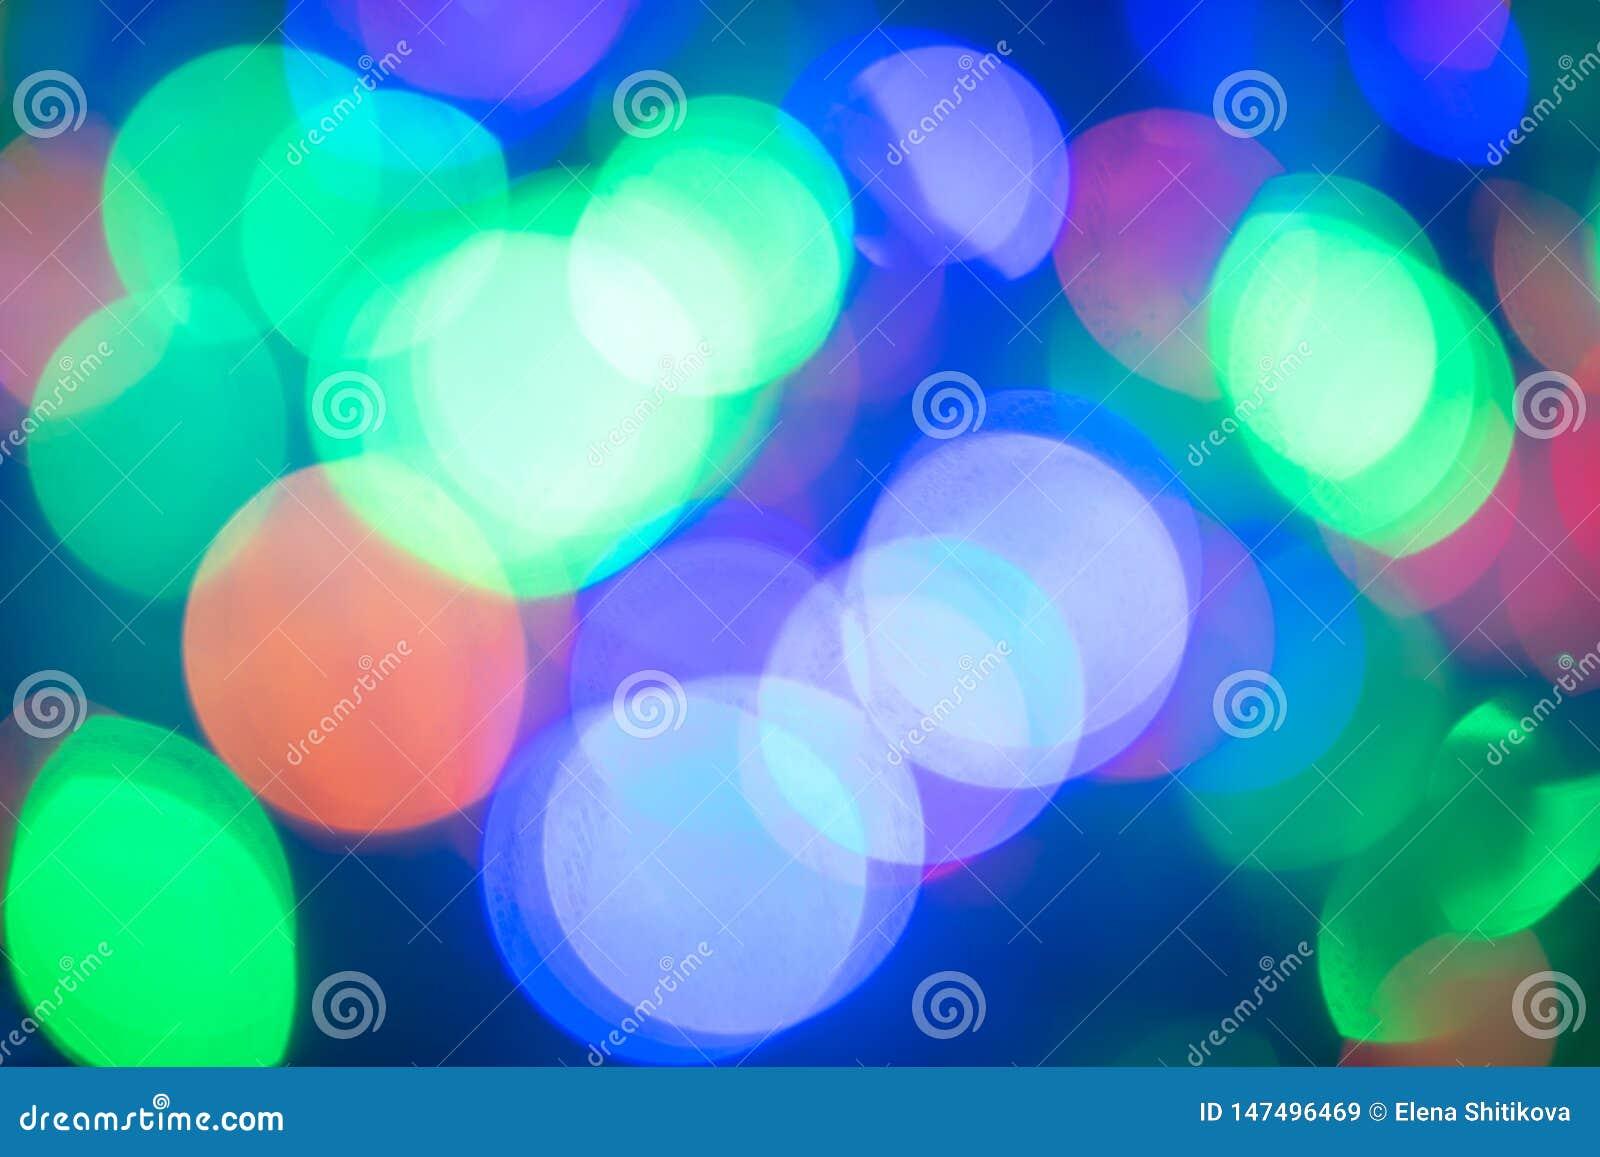 Bokeh r 欢乐色的光